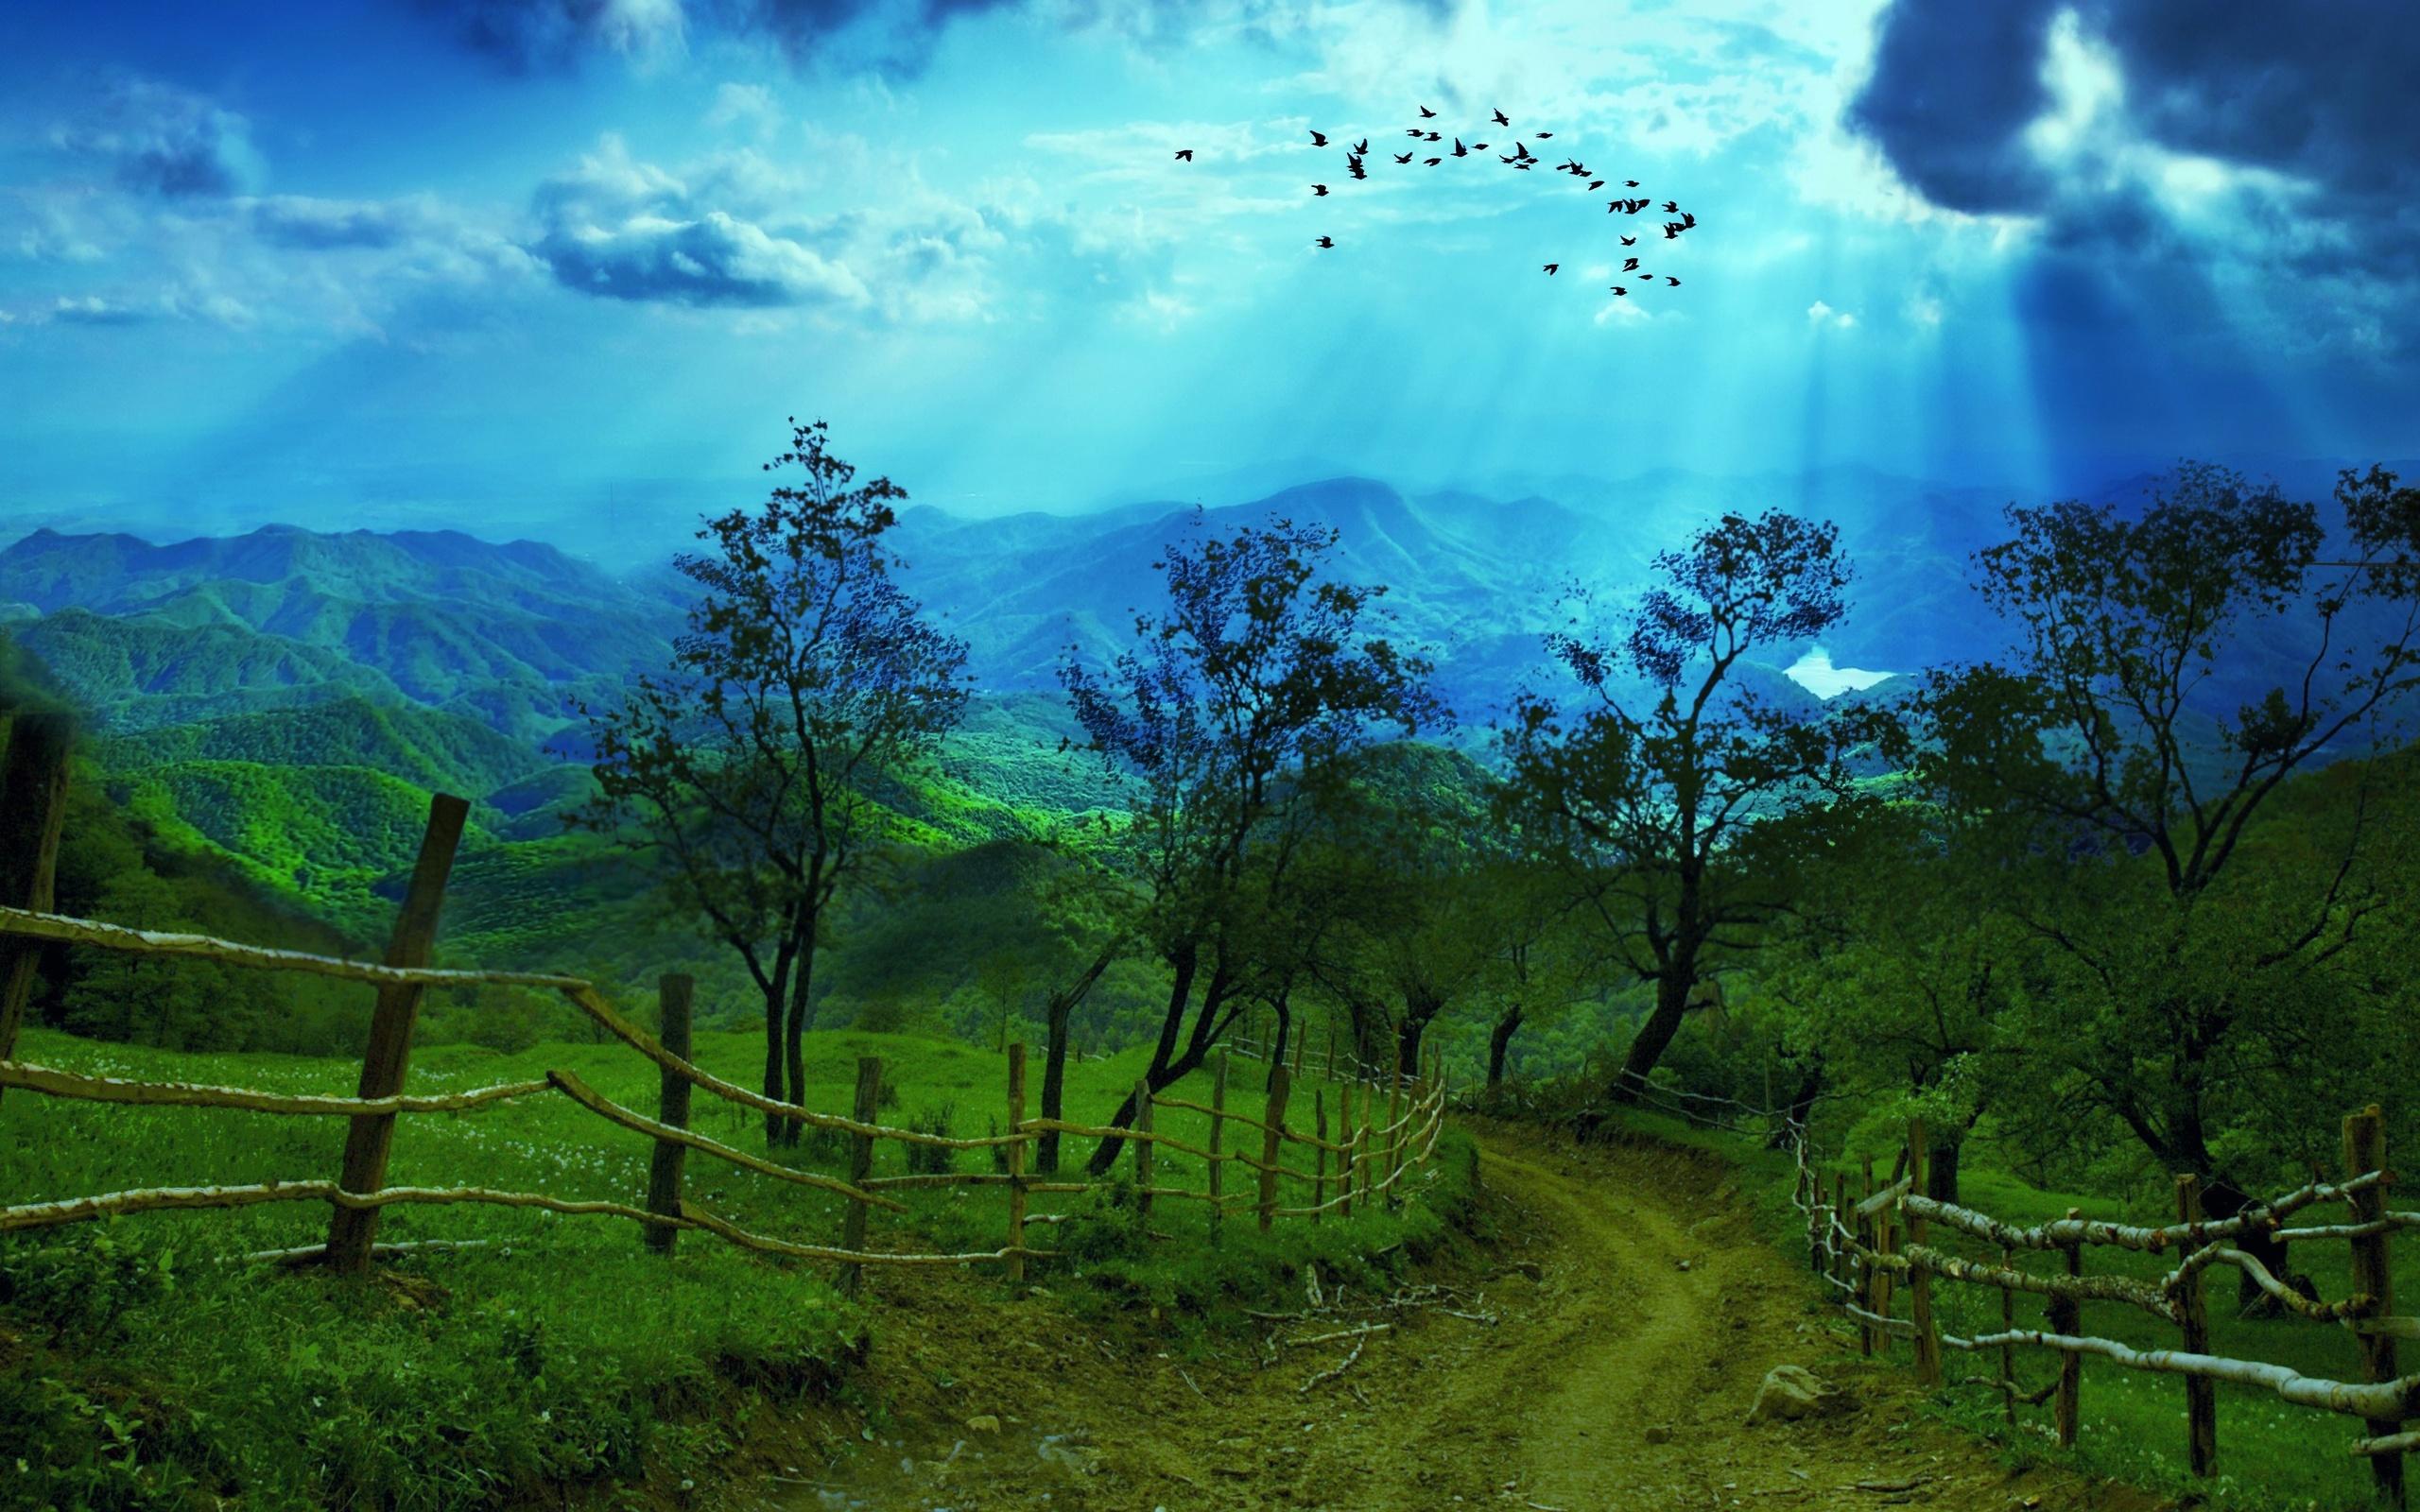 8K Ultra HD Nature Wallpaper - WallpaperSafari